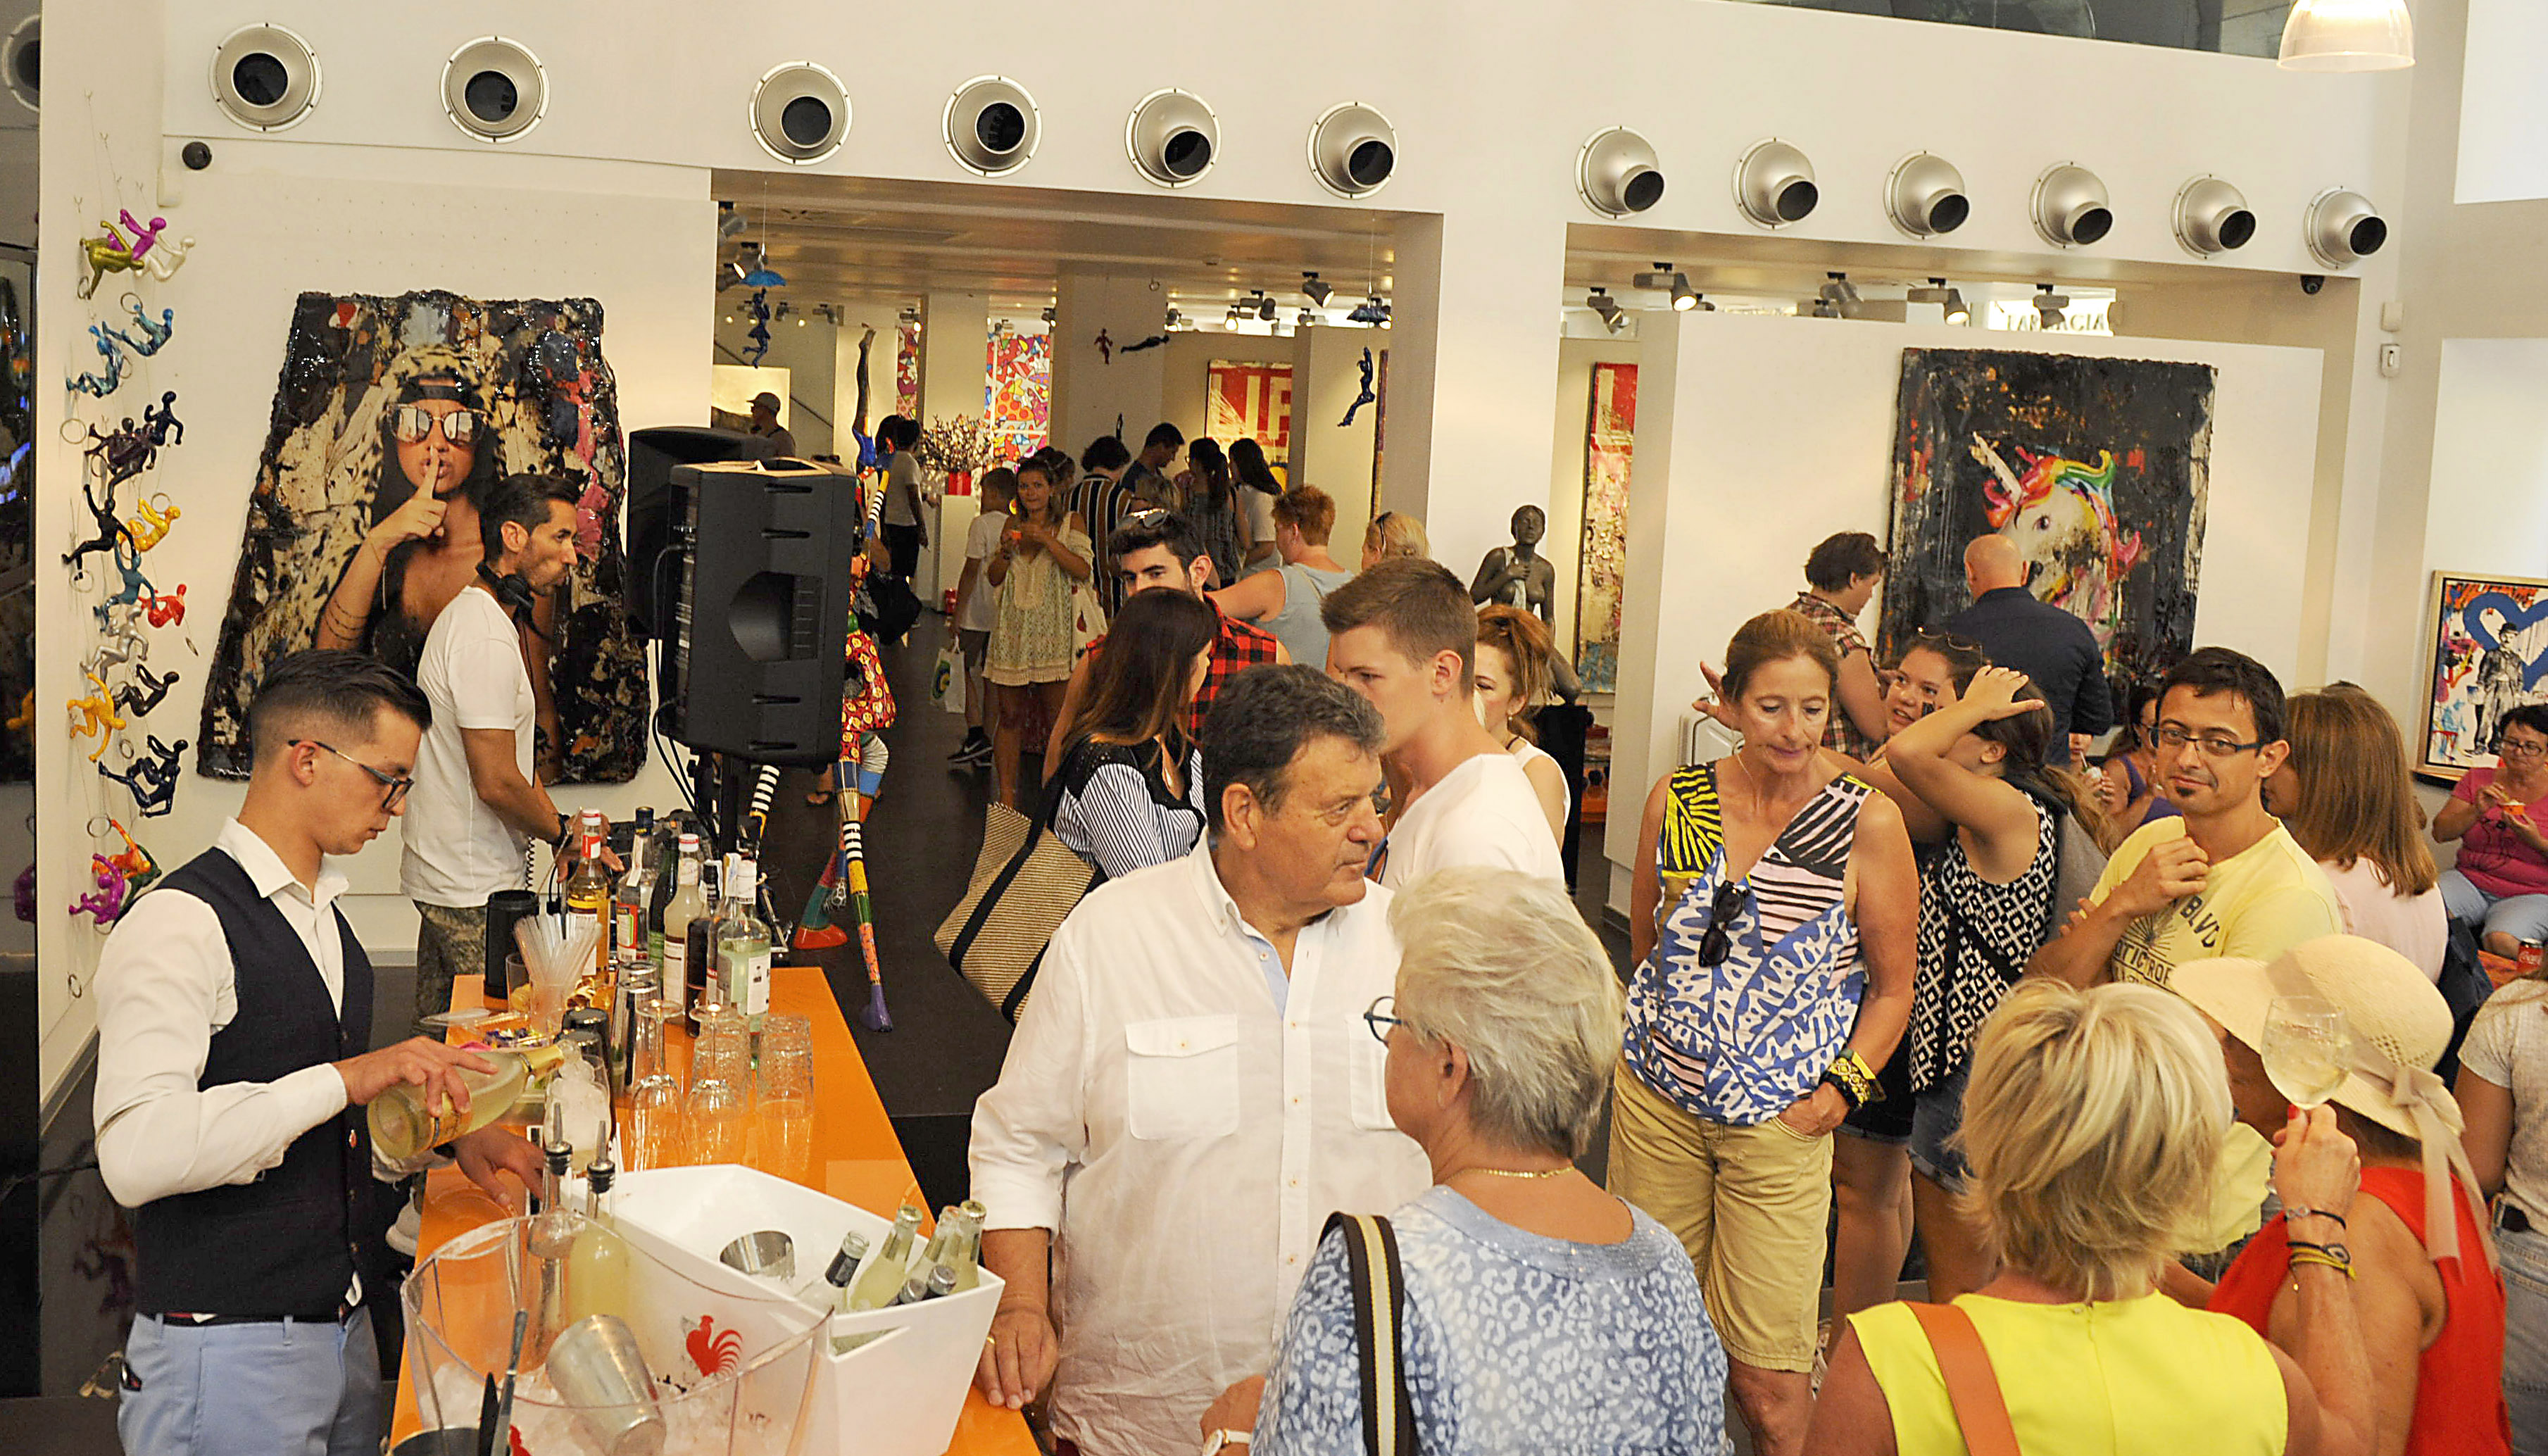 Bram Reijnders Ausstellung in Palma